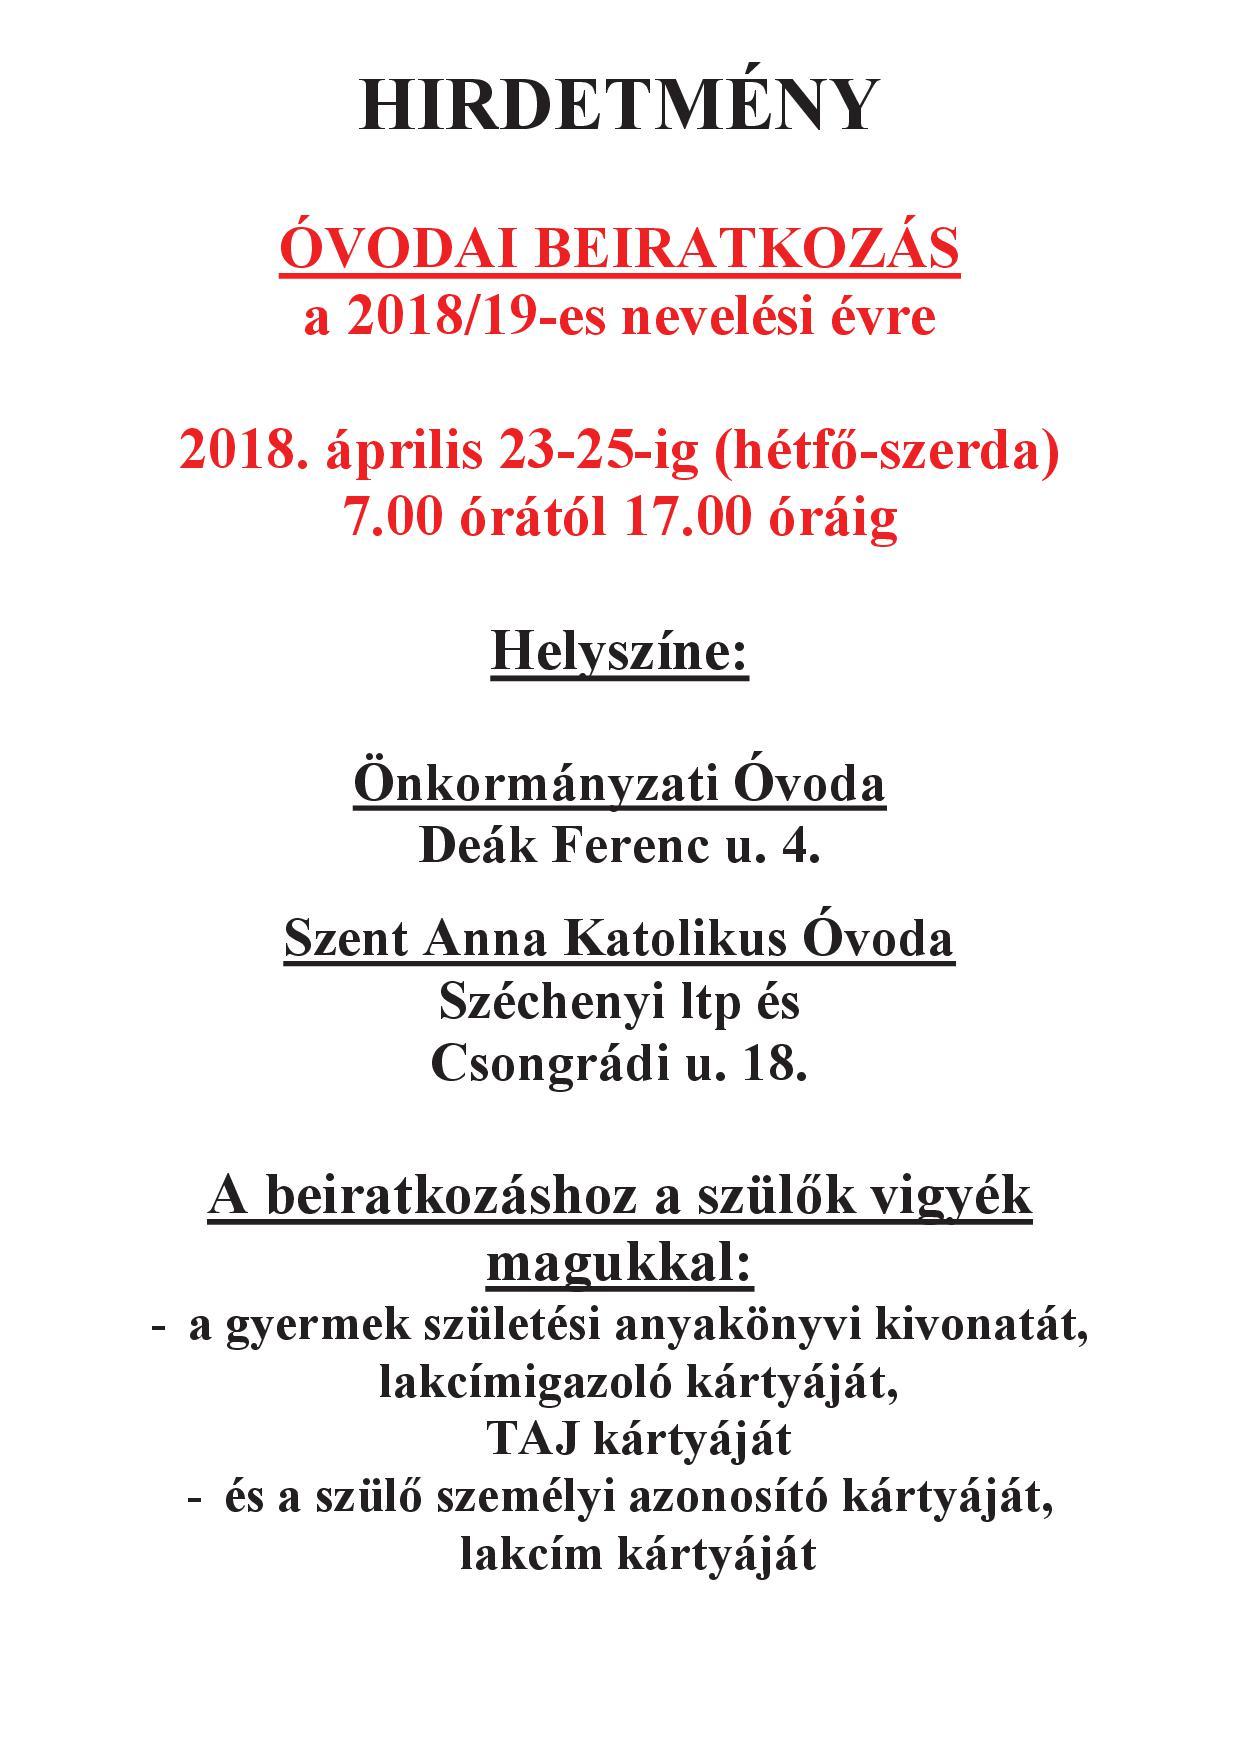 2018 beiratkozás-HIRDETMÉNY-001